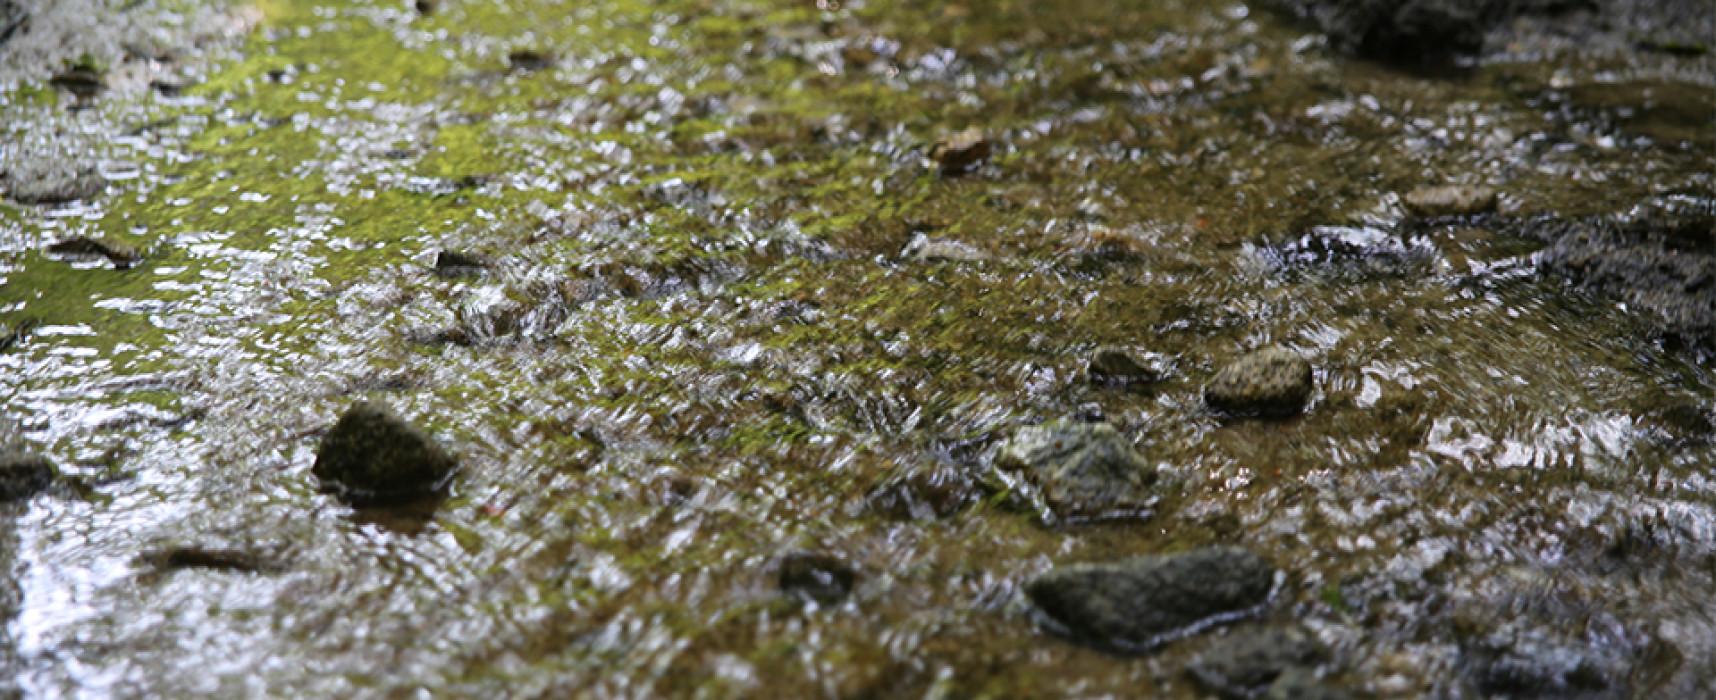 Le Service Environnement travaille à la mise en œuvre de la GEMAPI* notamment par la restauration des cours d'eau et des zones humides